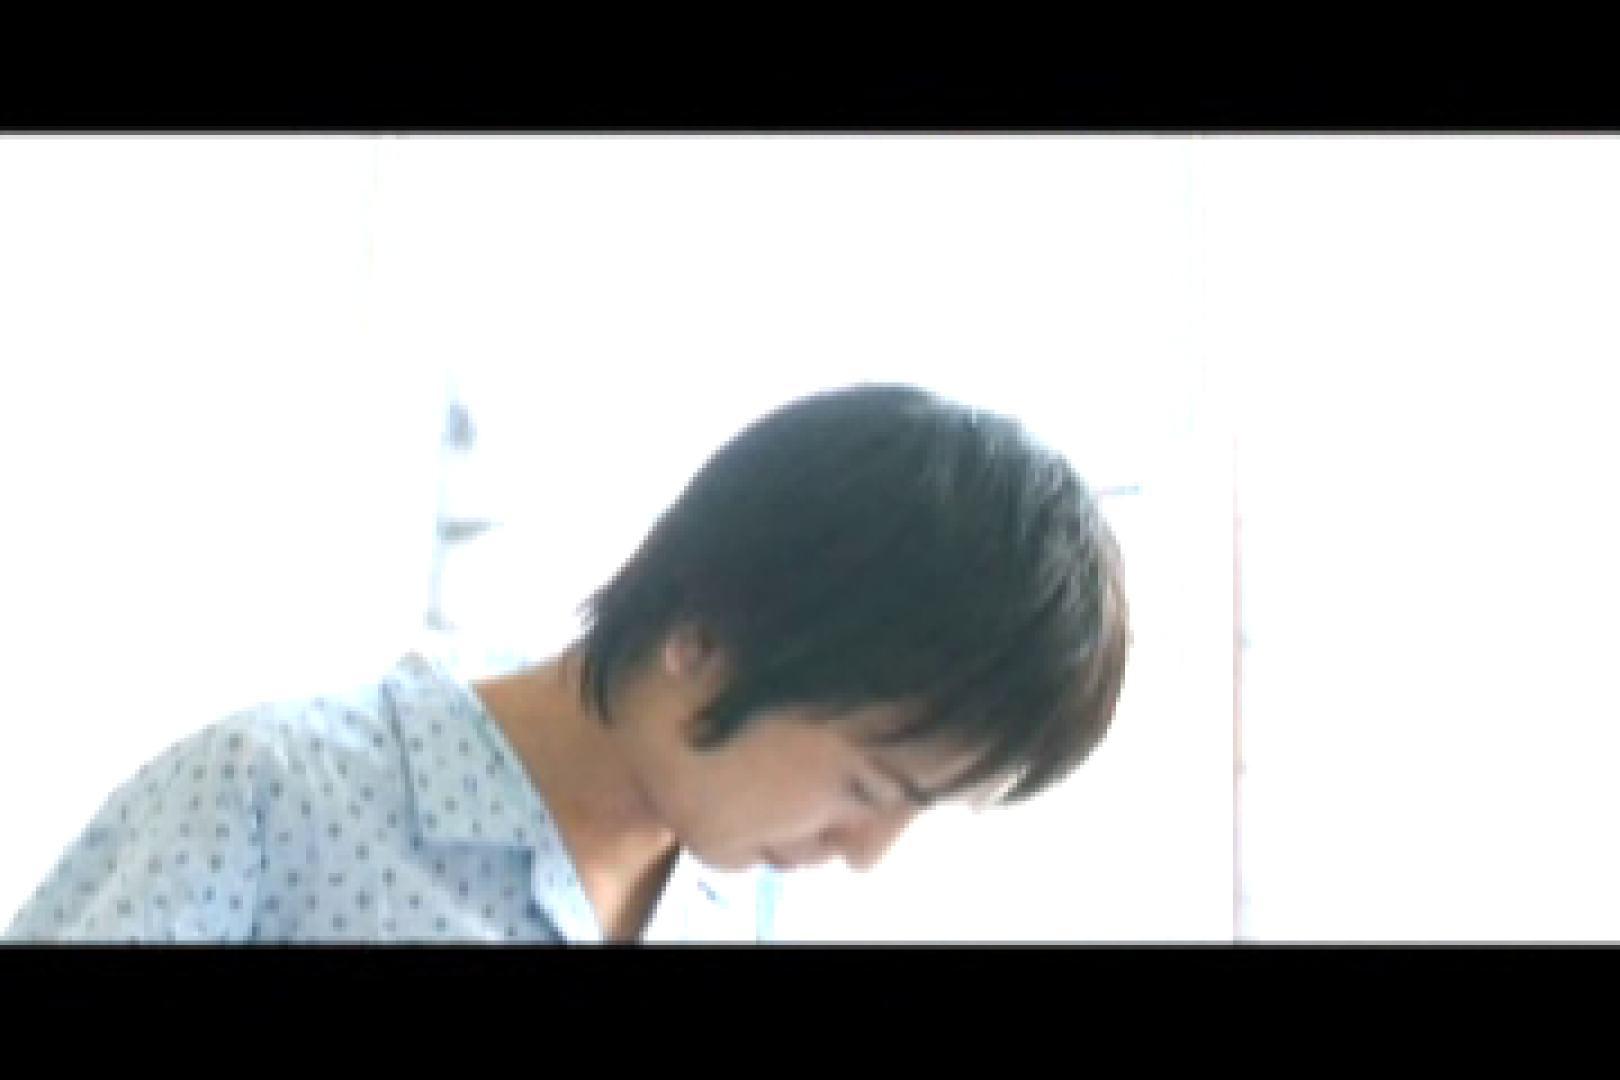 美男子コレクションvol7 イケメン ケツマンスケベ画像 104枚 74